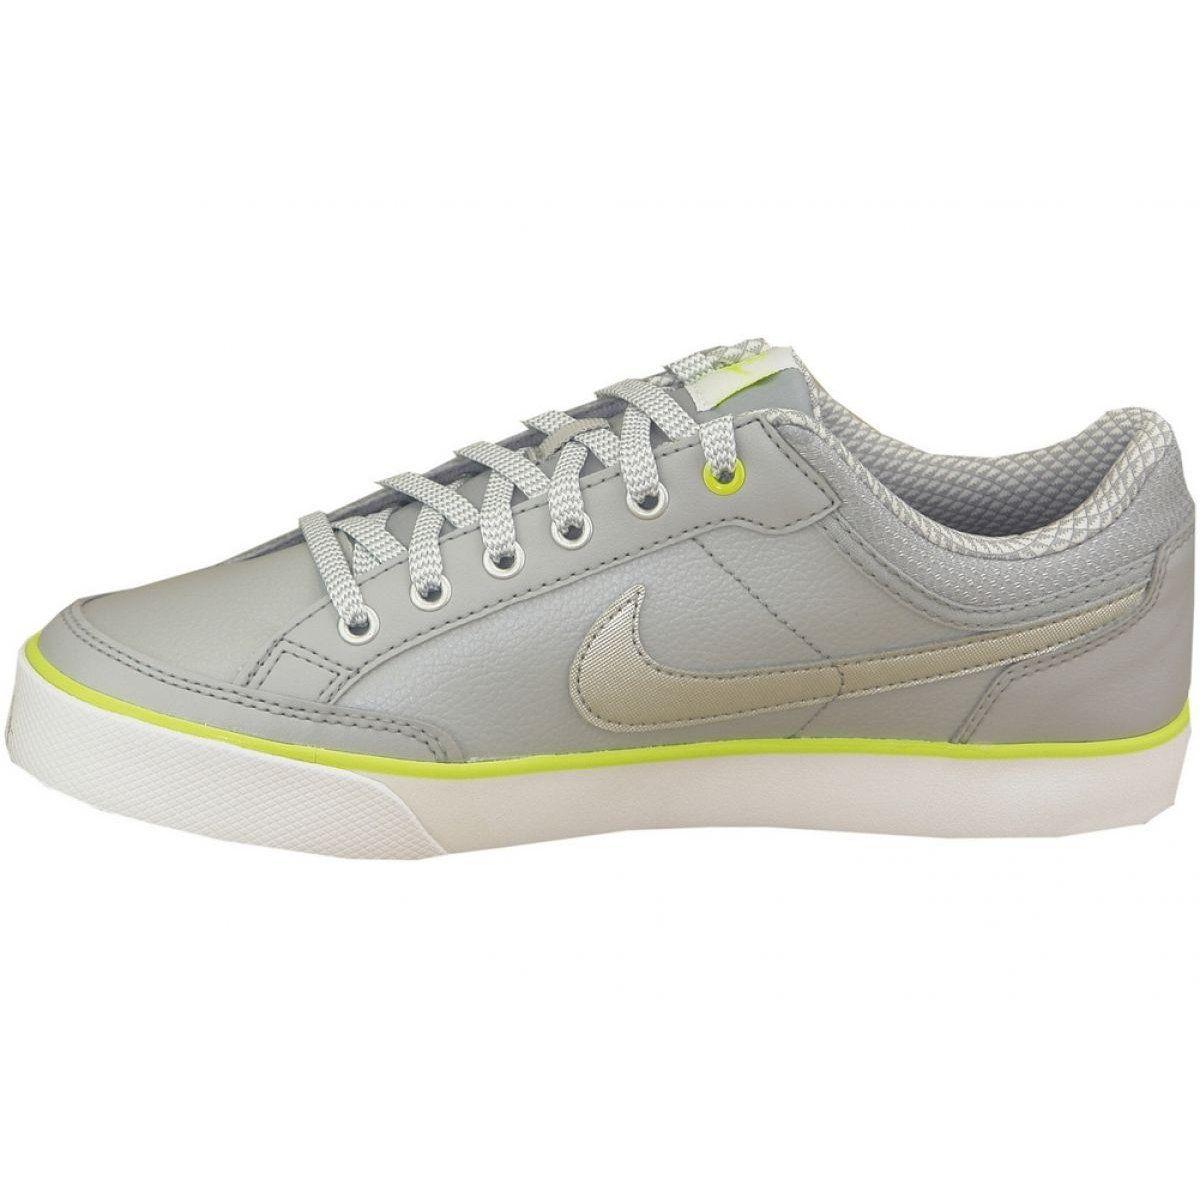 Buty Nike Capri 3 Ltr Gs Jr 579951 010 Szare Nike Capris Nike Kid Shoes